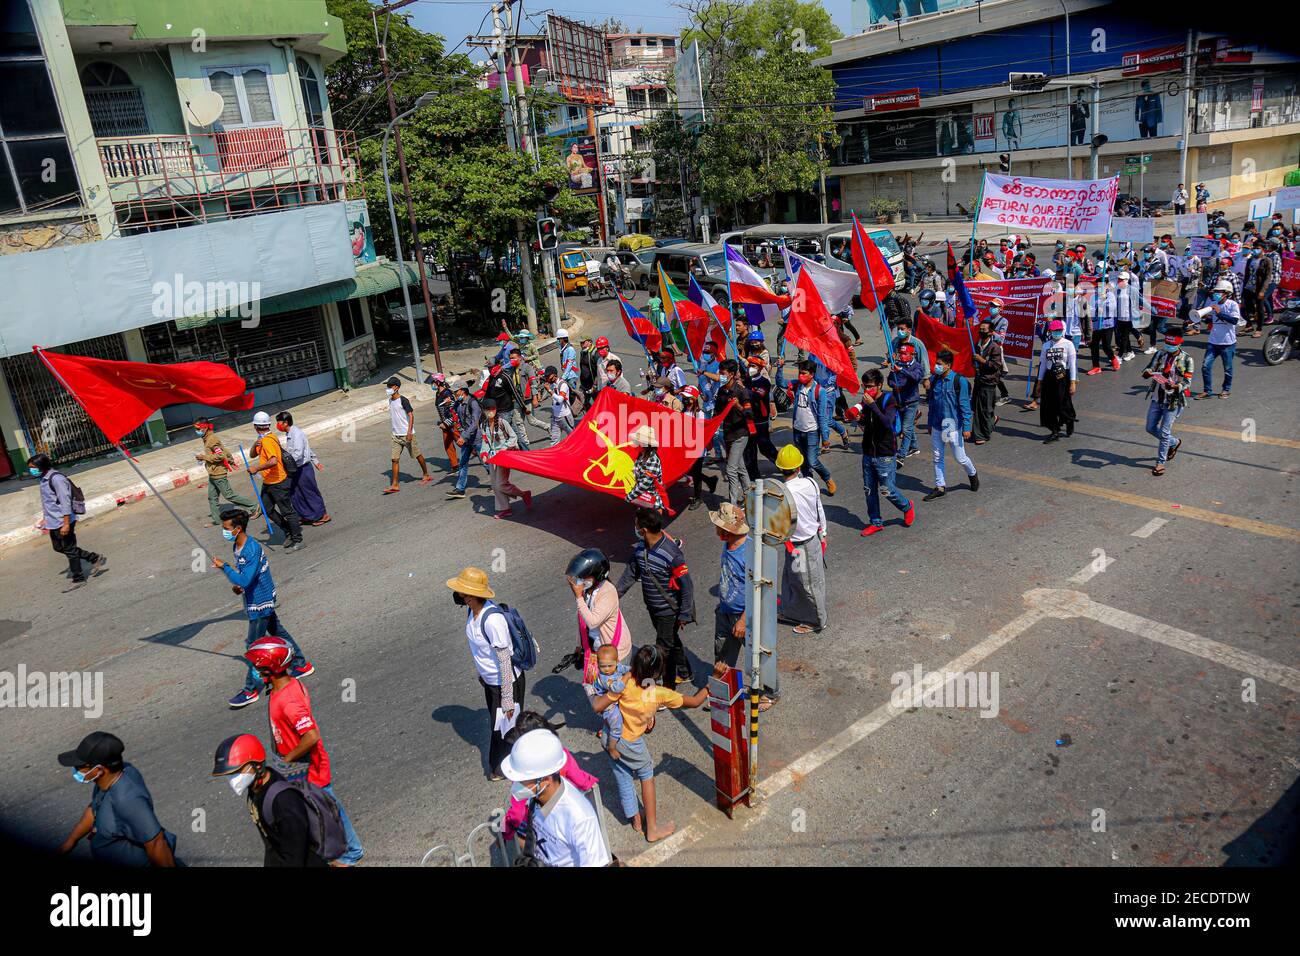 Les manifestants qui détiennent le drapeau du syndicat de la Fédération des étudiants de toute la Birmanie lors d'une marche contre le coup d'État militaire.l'armée du Myanmar a détenu le conseiller d'État du Myanmar Aung San Suu Kyi le 01 février, 2021 et a déclaré l'état d'urgence tout en prenant le pouvoir dans le pays pendant un an après avoir perdu l'élection contre la Ligue nationale pour la démocratie (NLD). Banque D'Images